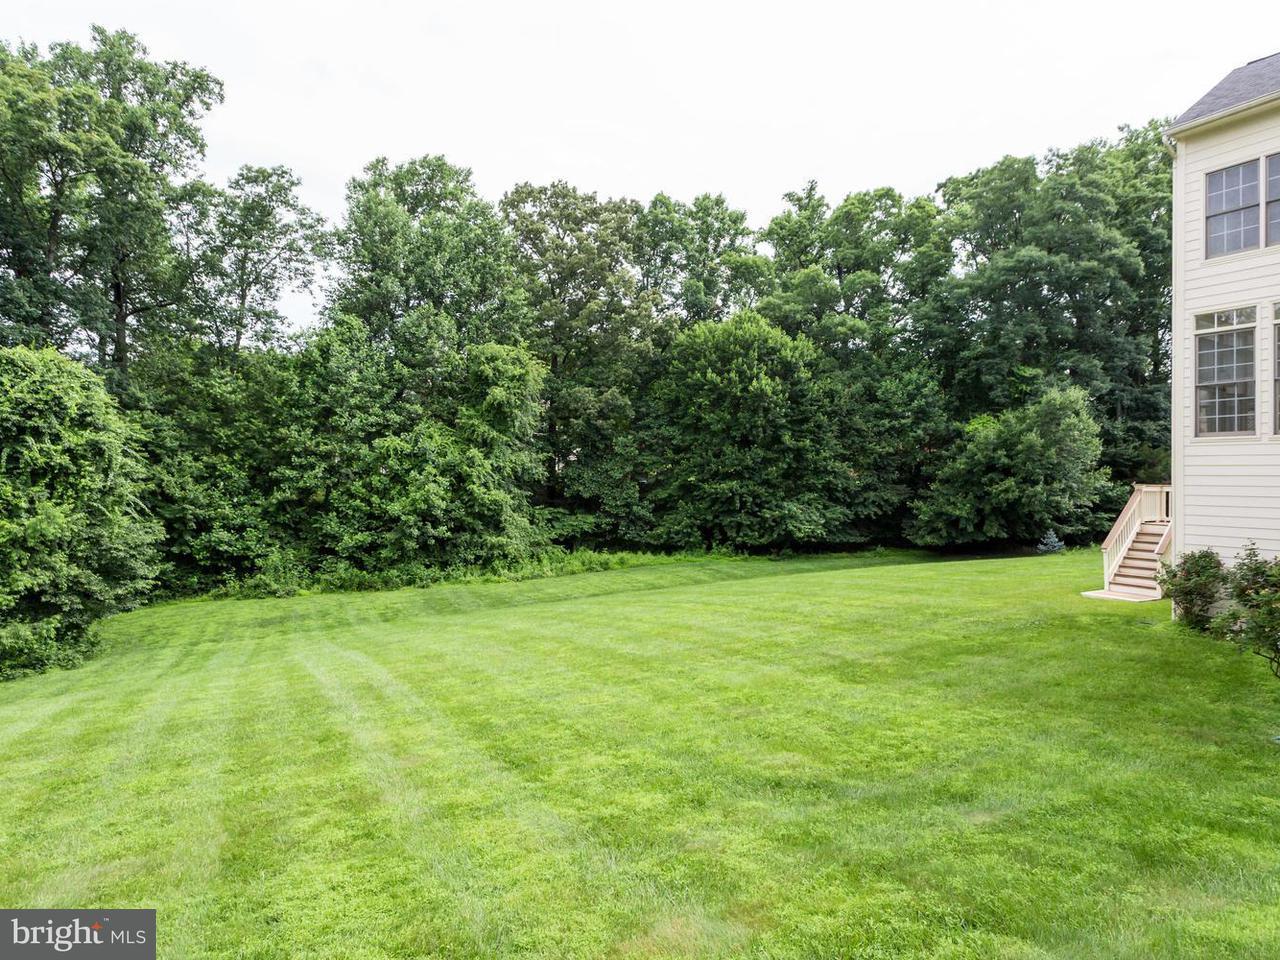 獨棟家庭住宅 為 出售 在 11694 Caris Glenne Drive 11694 Caris Glenne Drive Herndon, 弗吉尼亞州 20170 美國